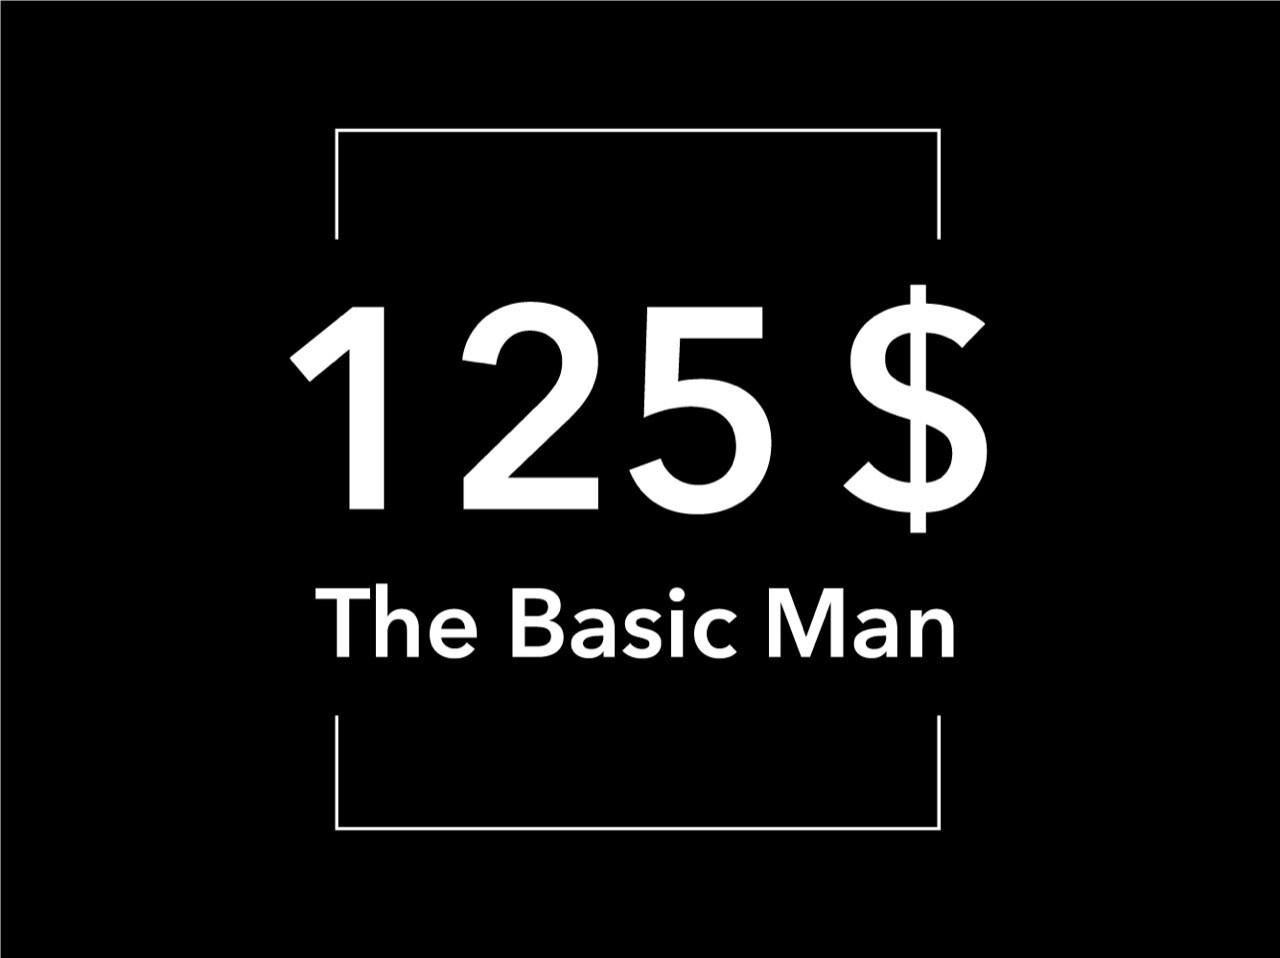 The Basic Man